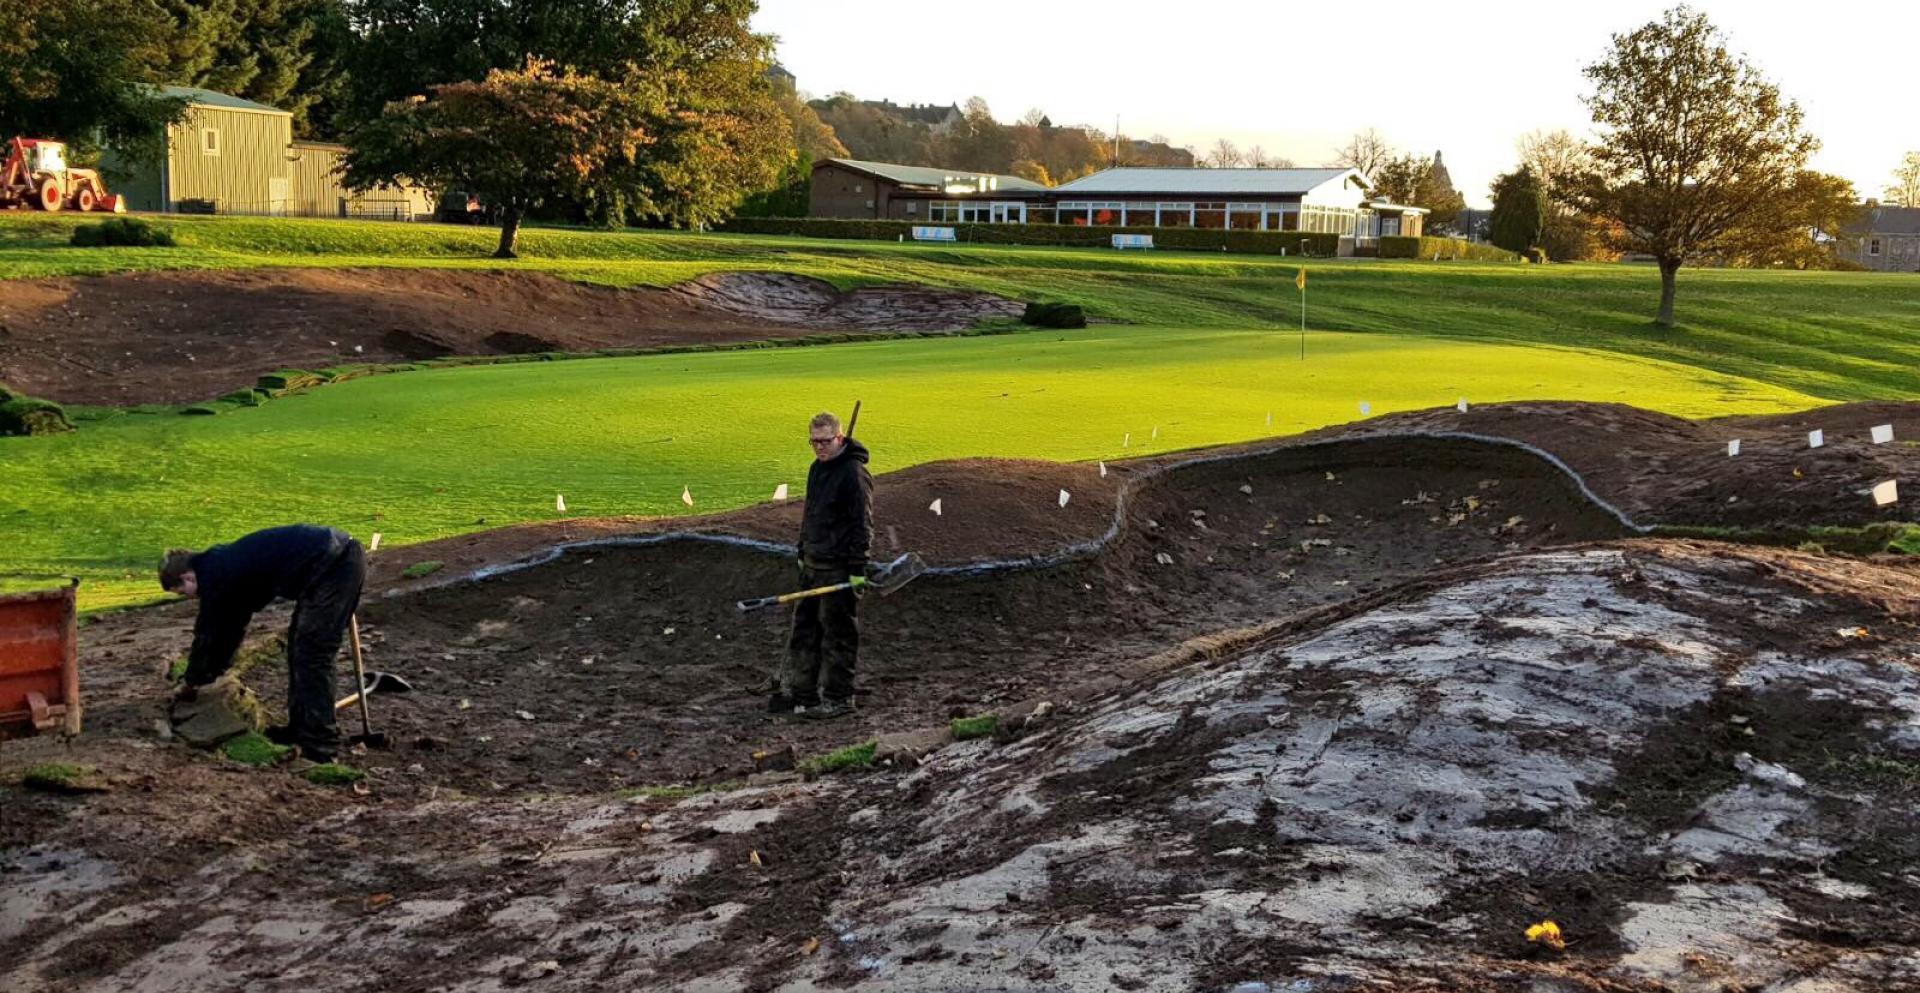 Stirling Golf Club, Scotland